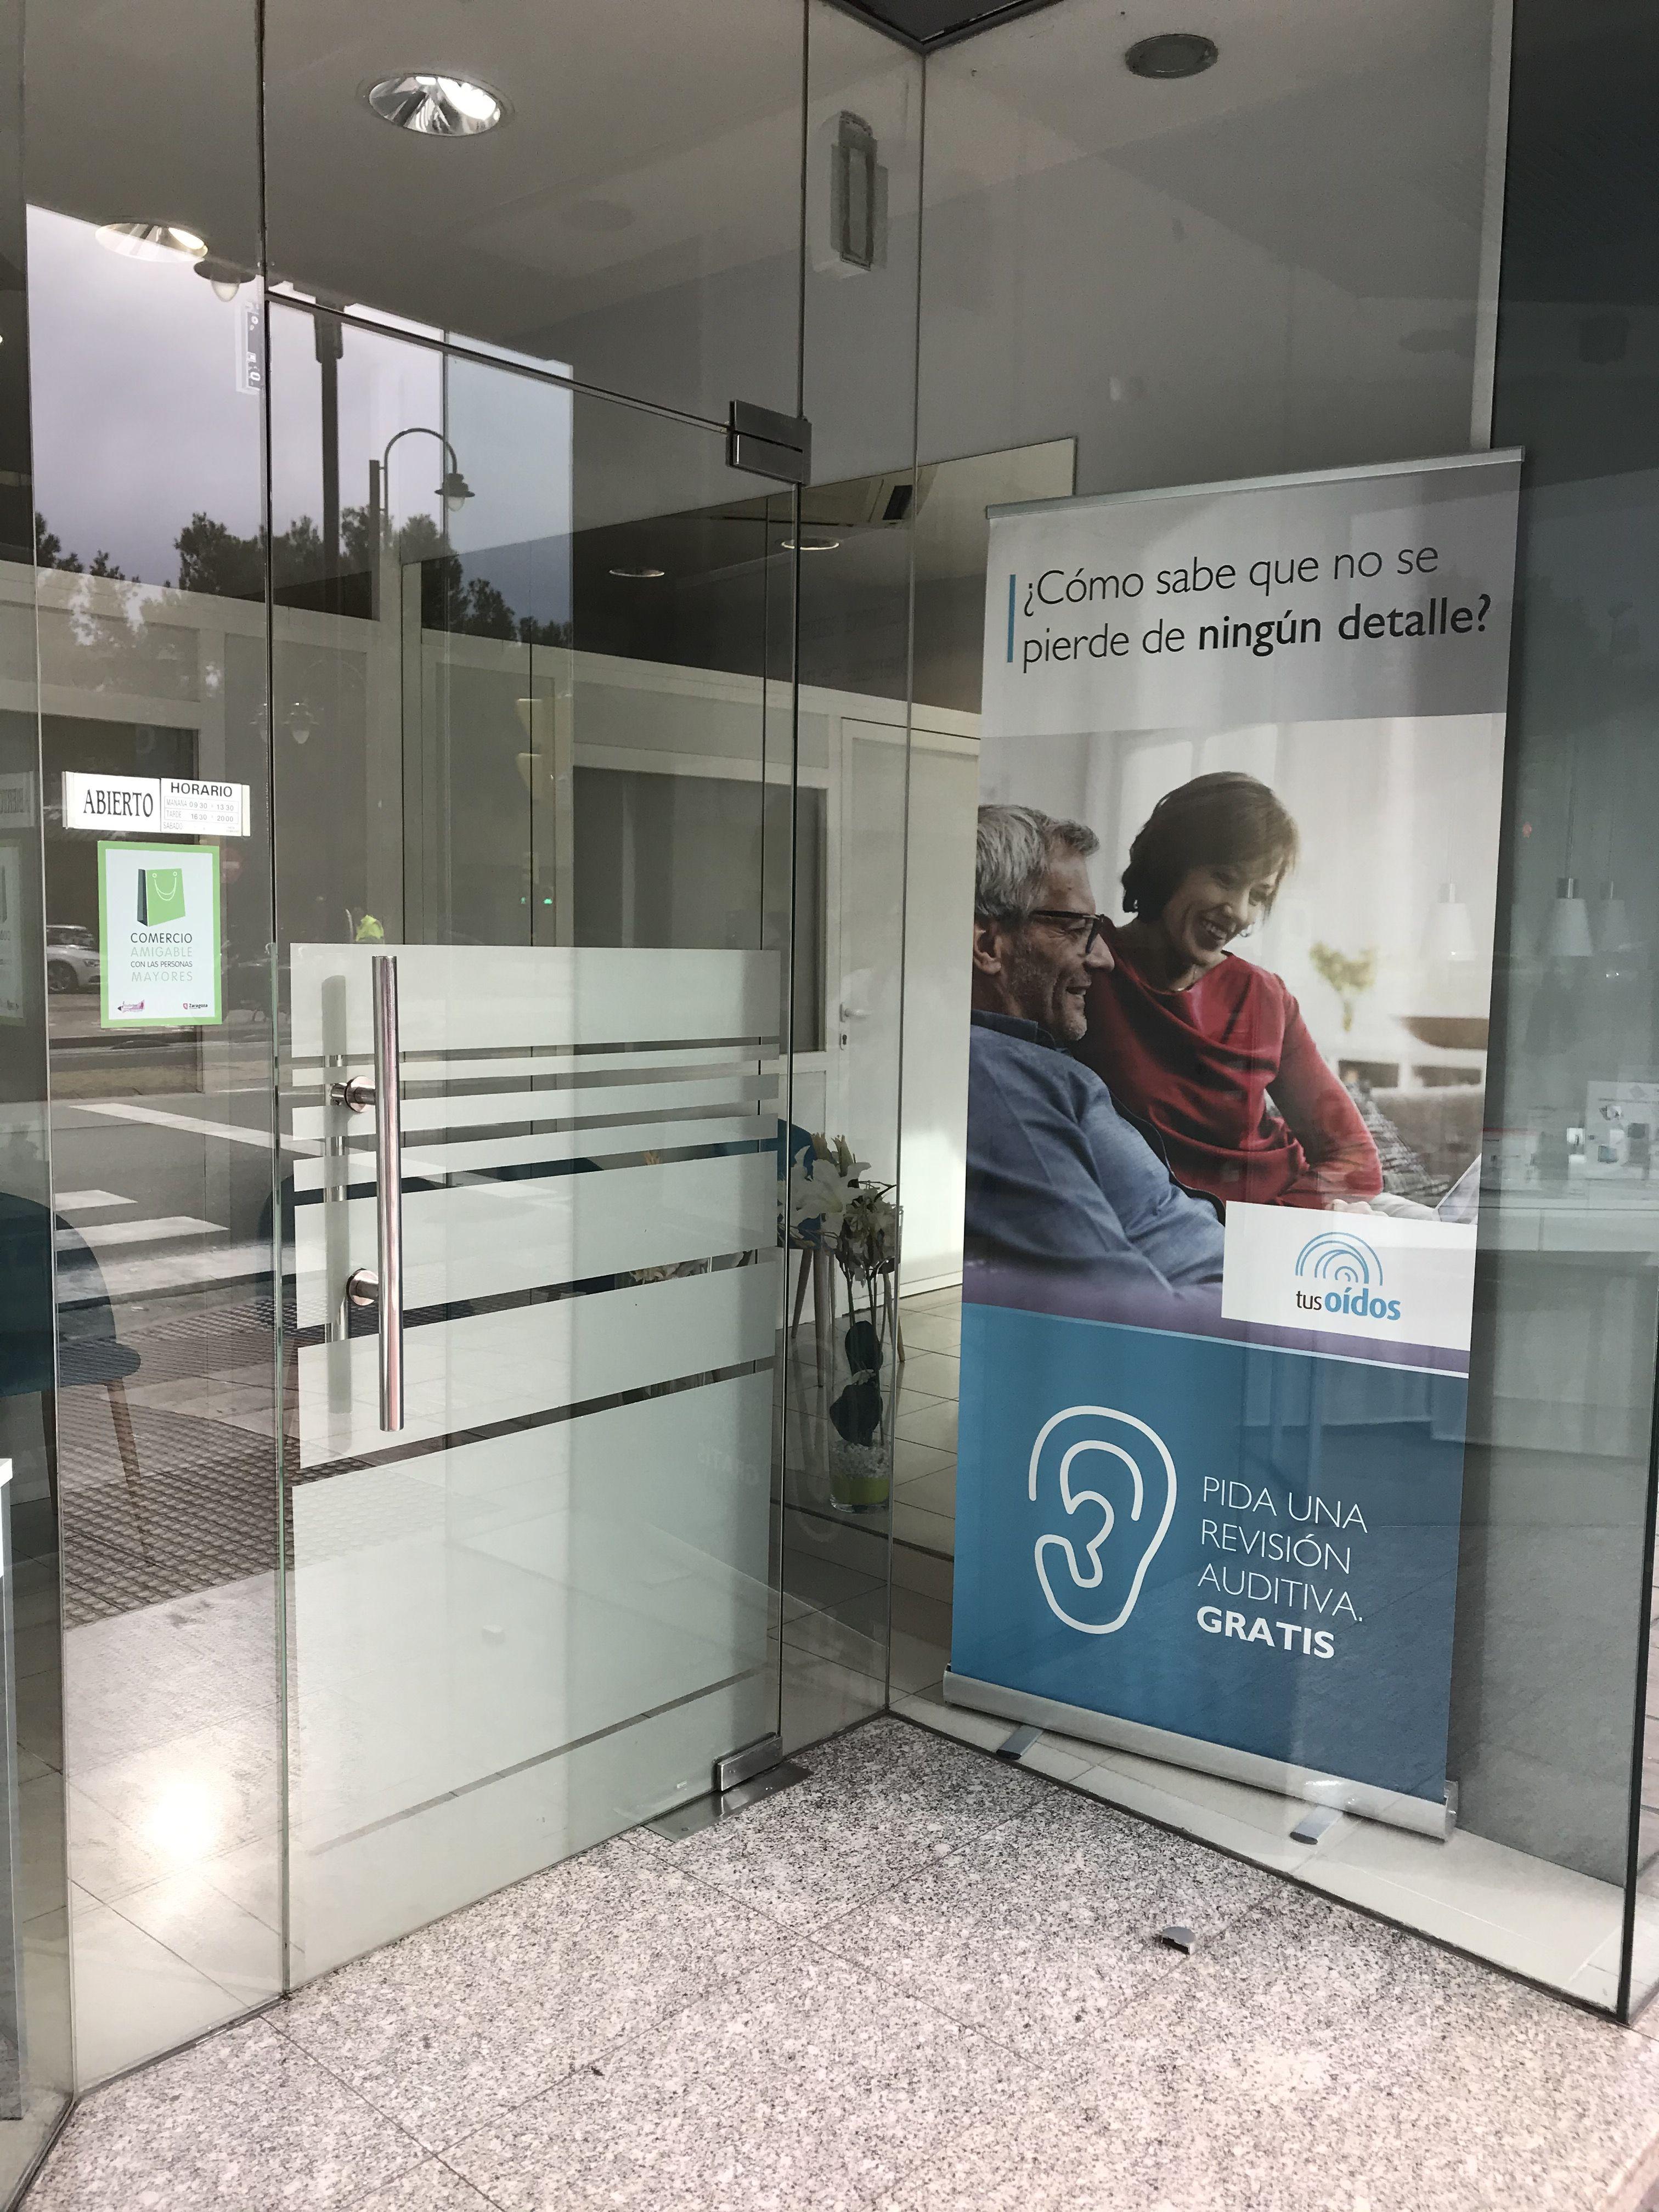 Revisión auditiva gratuita en Zaragoza. Centro auditivo Tus Oídos